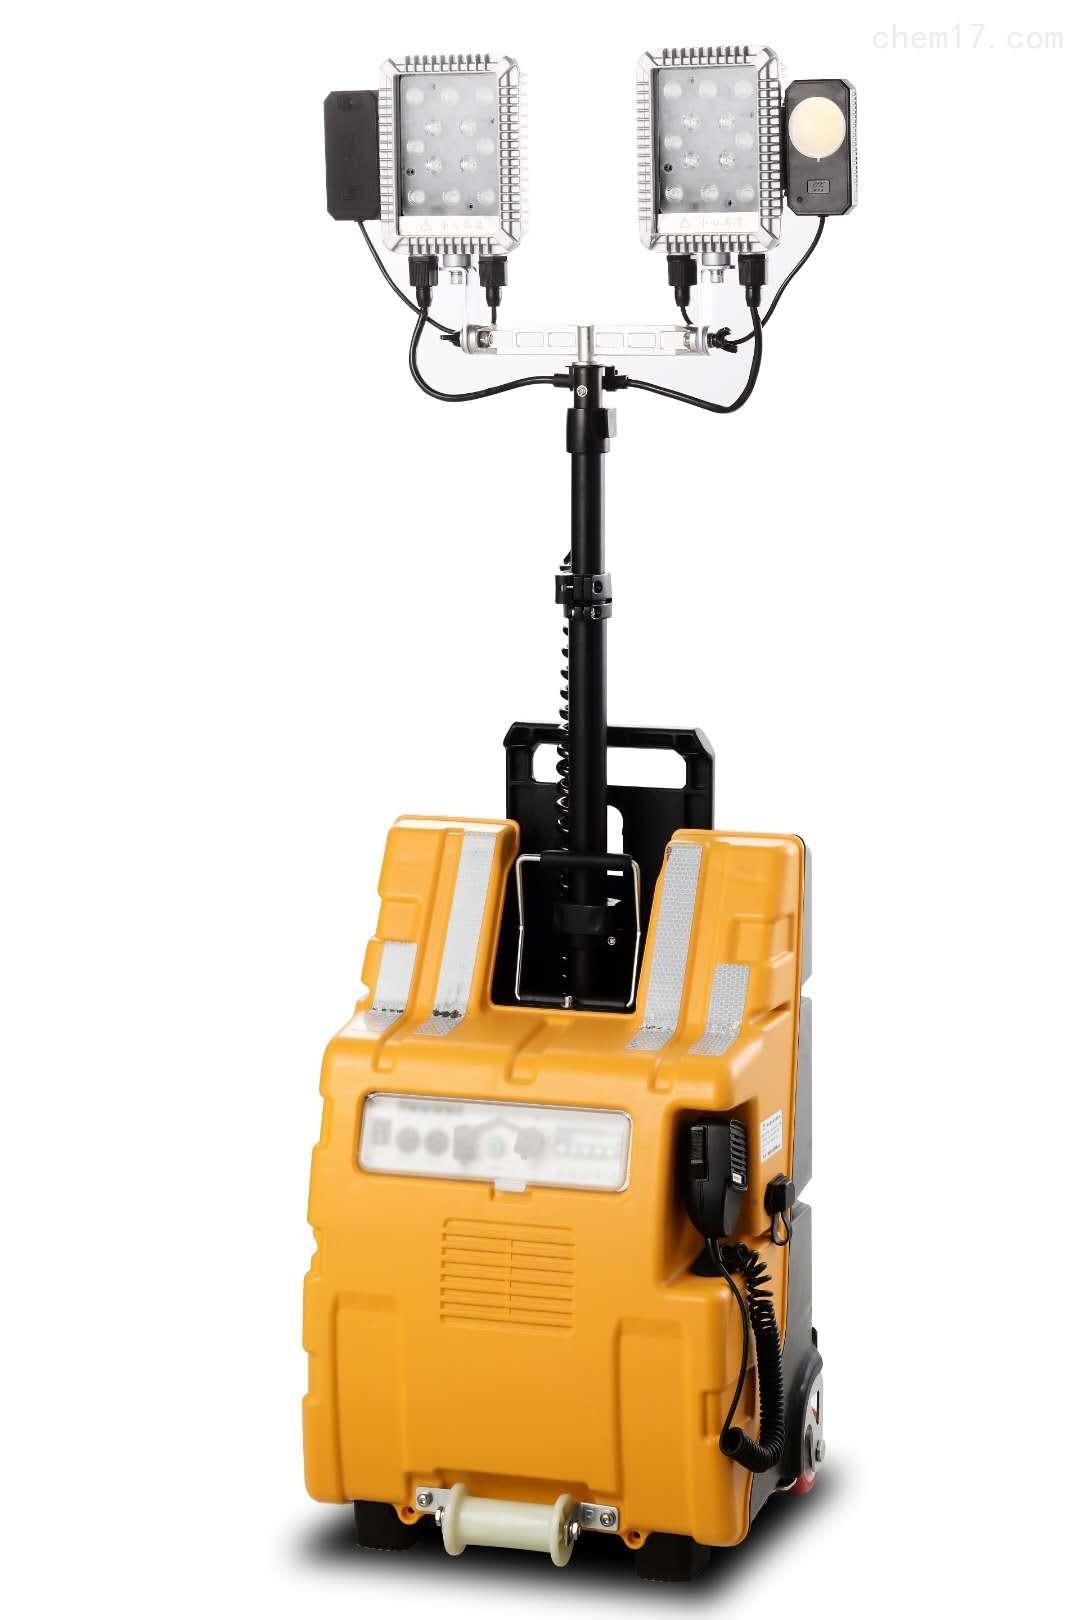 FW6128海洋王多功能移动照明系统